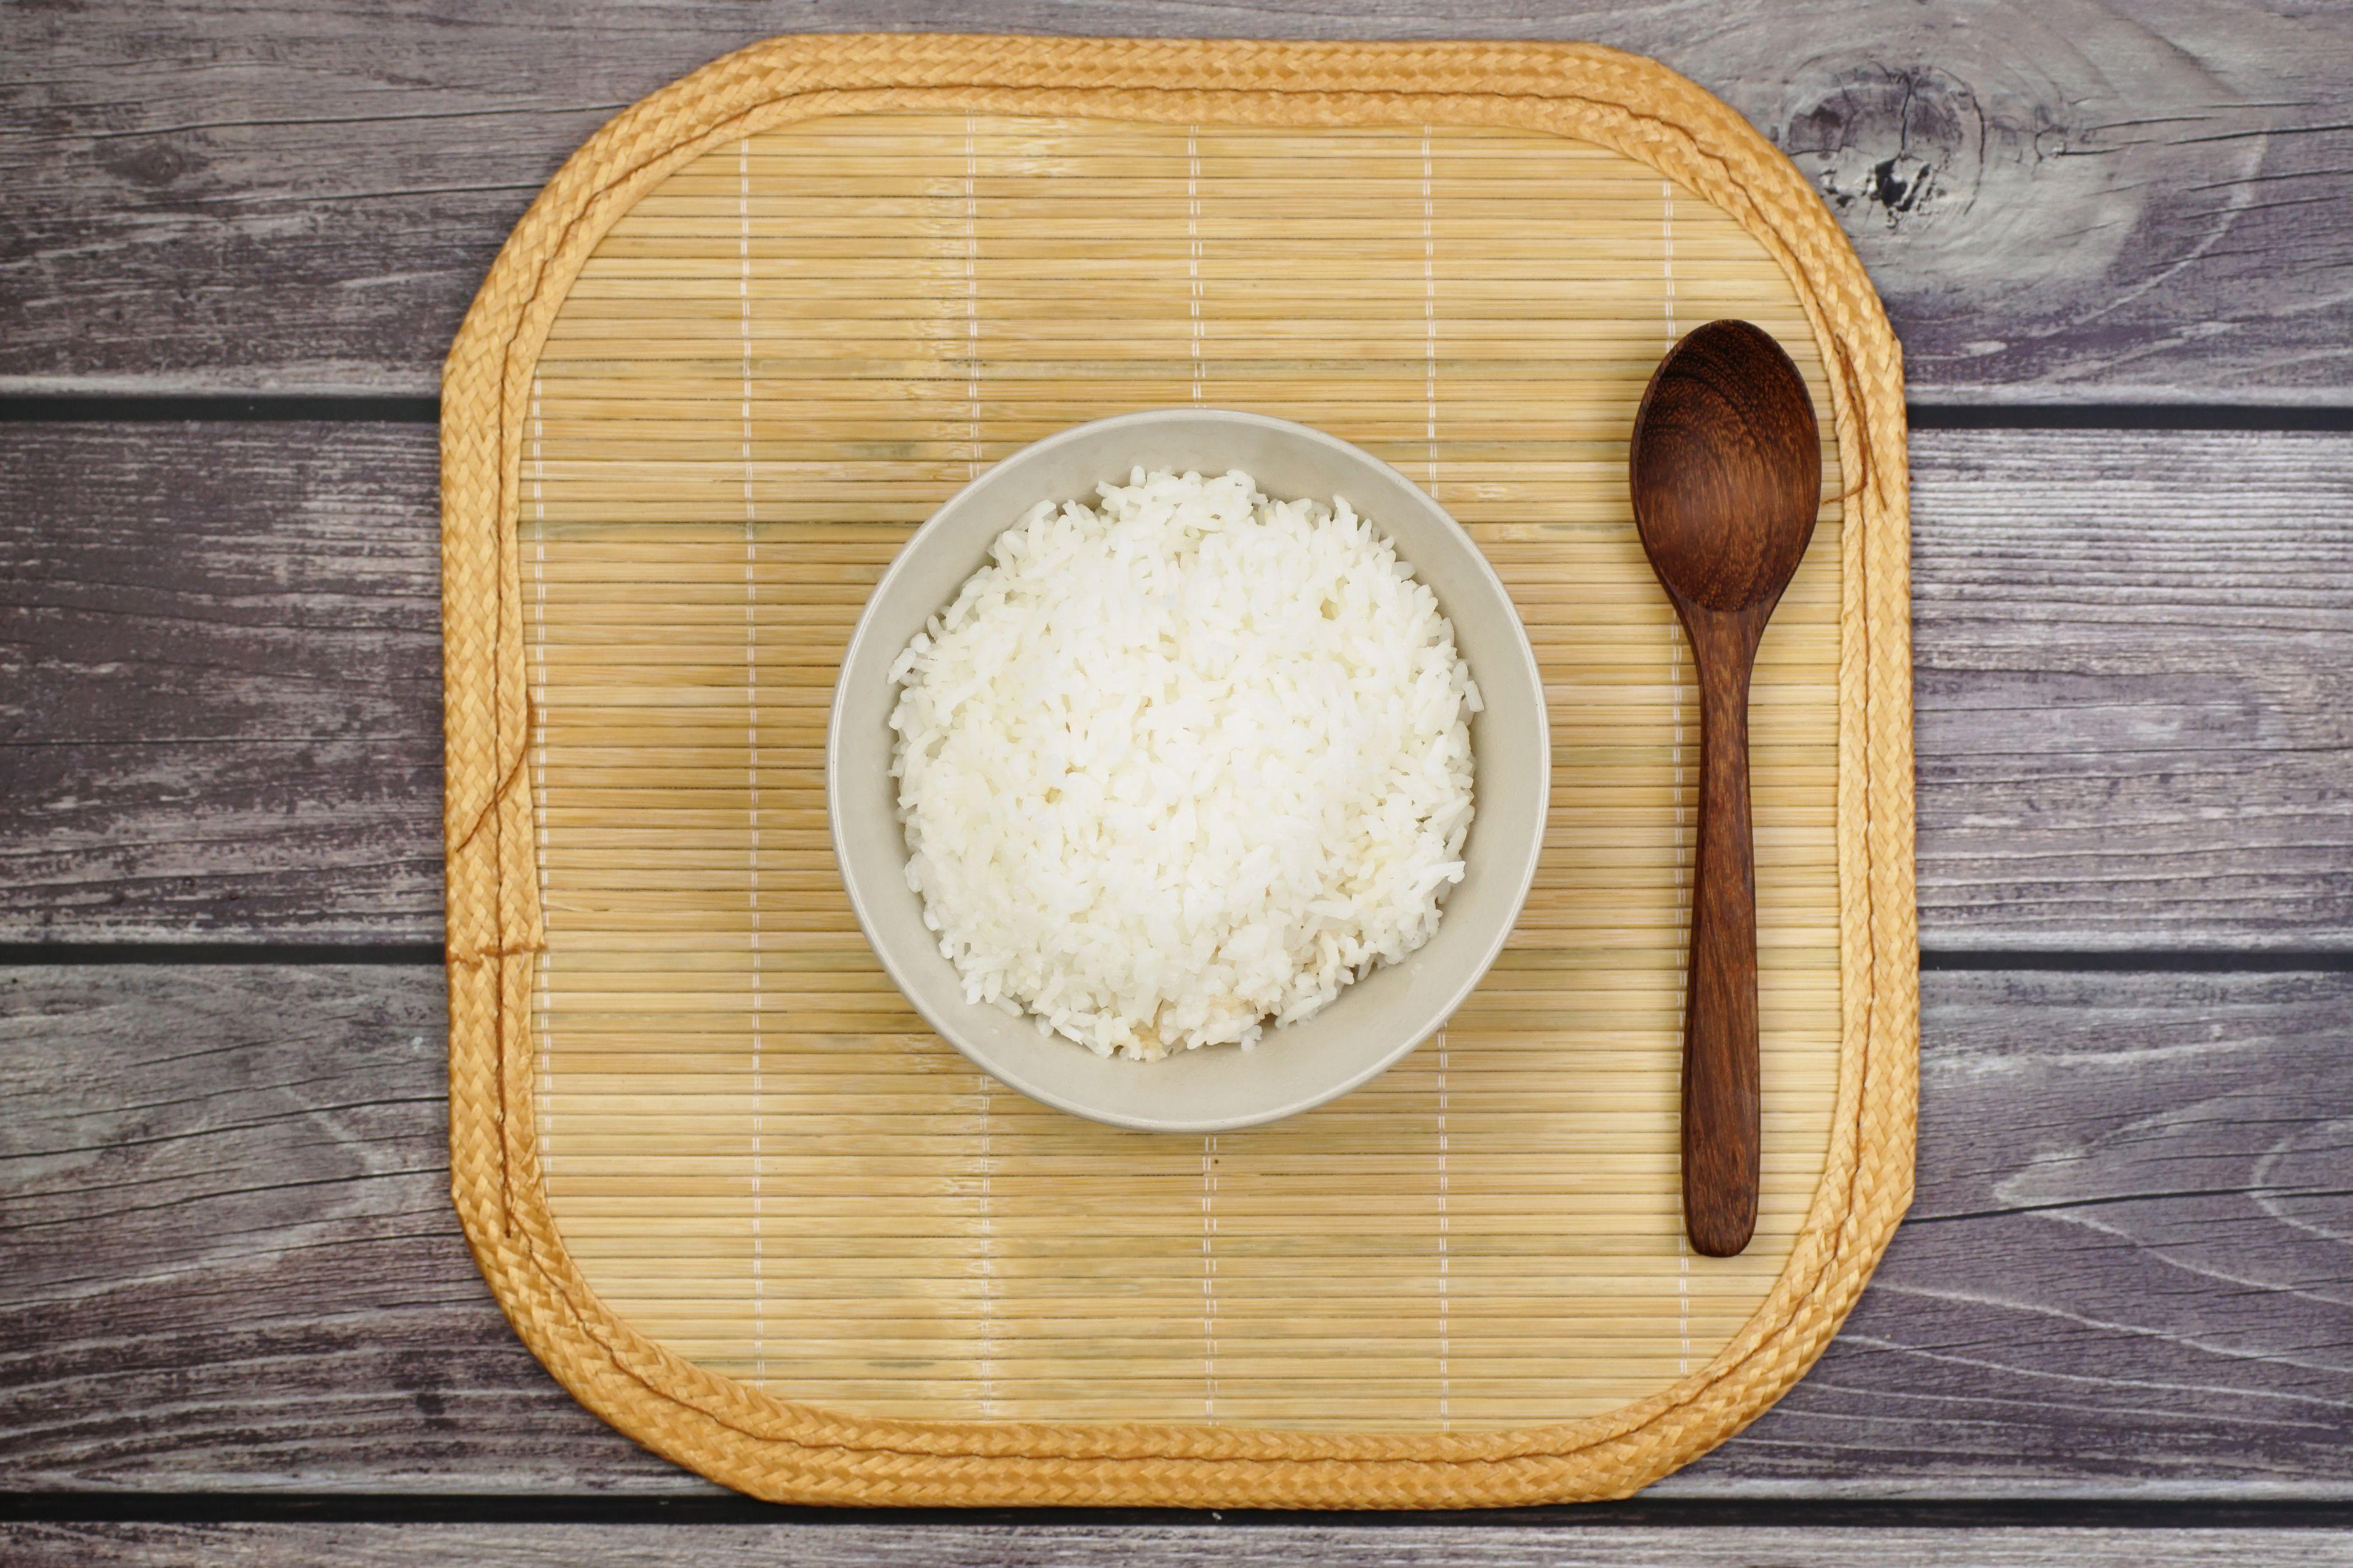 Calorias del arroz basmati cocido